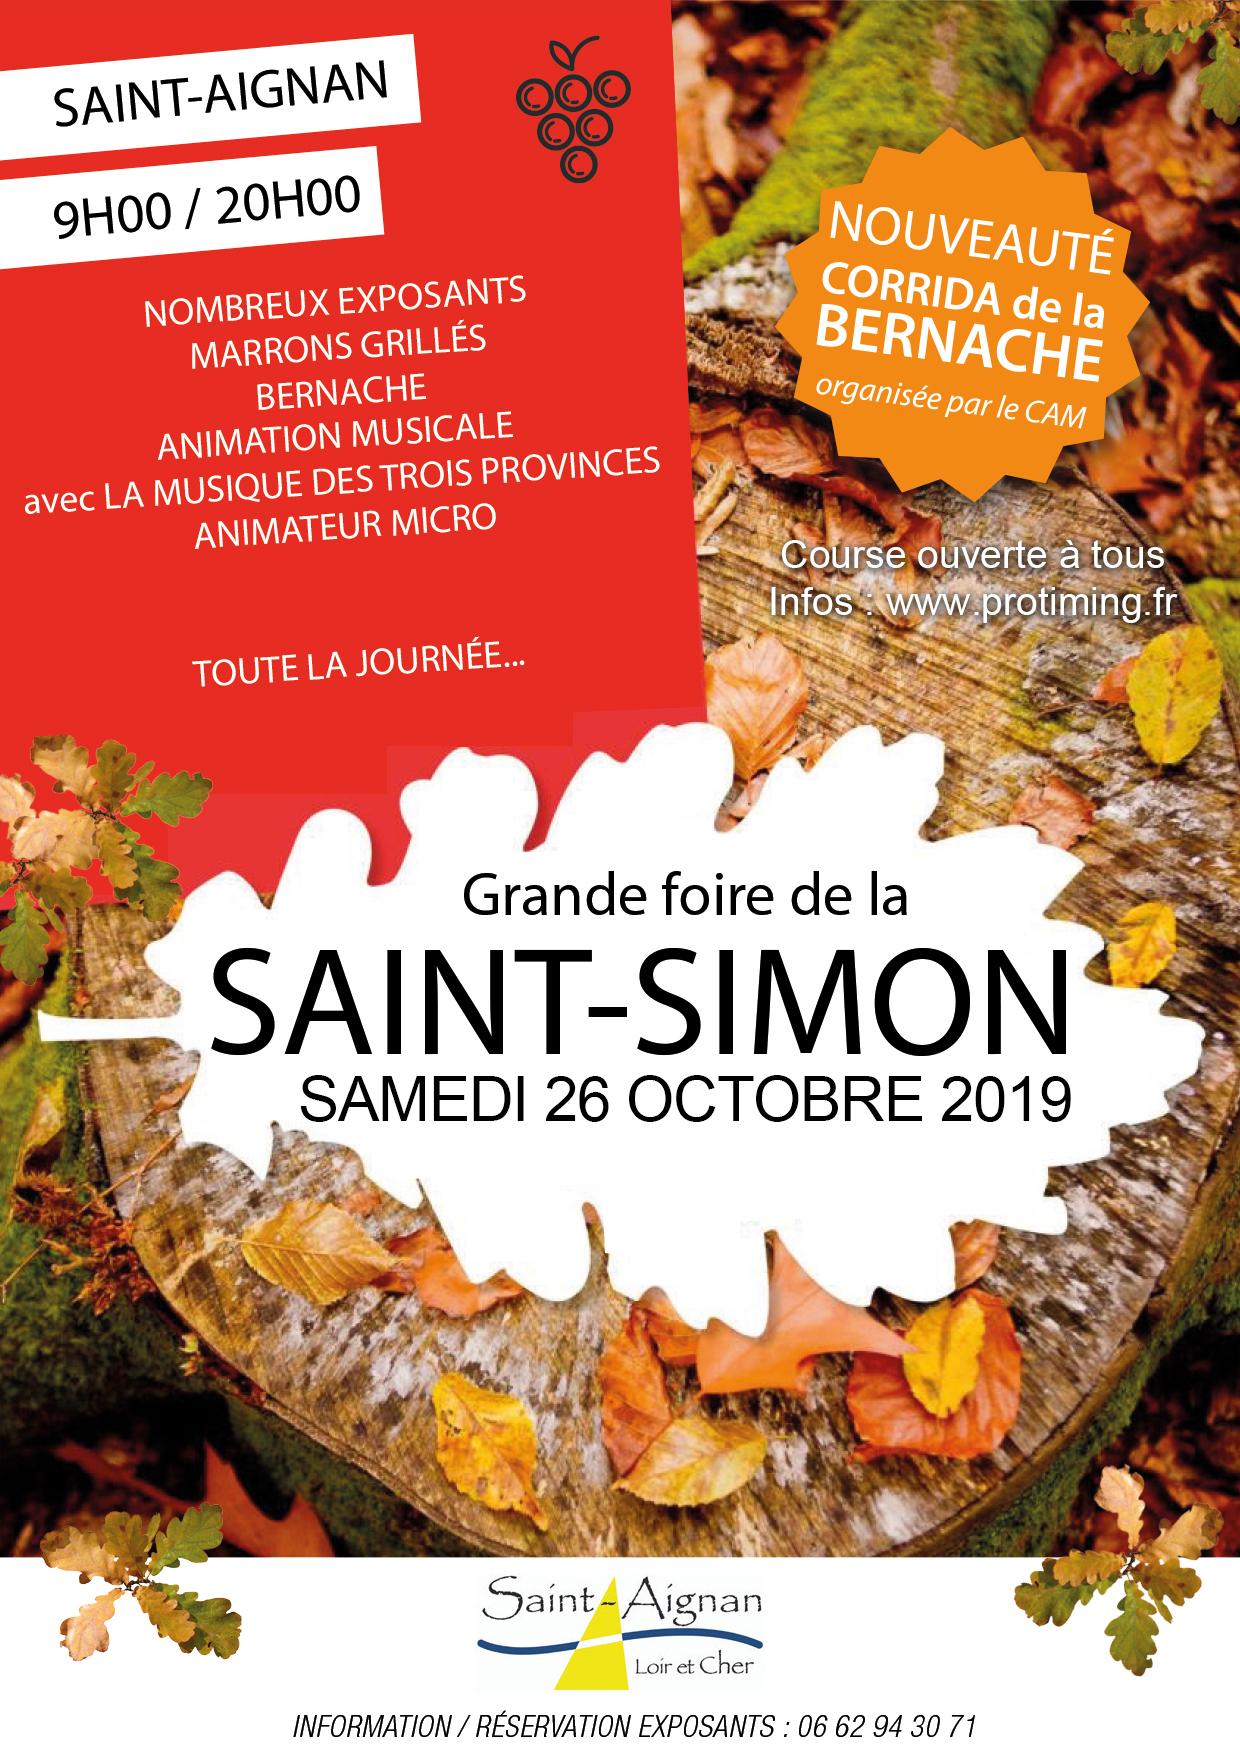 Foire de la Saint-Simon